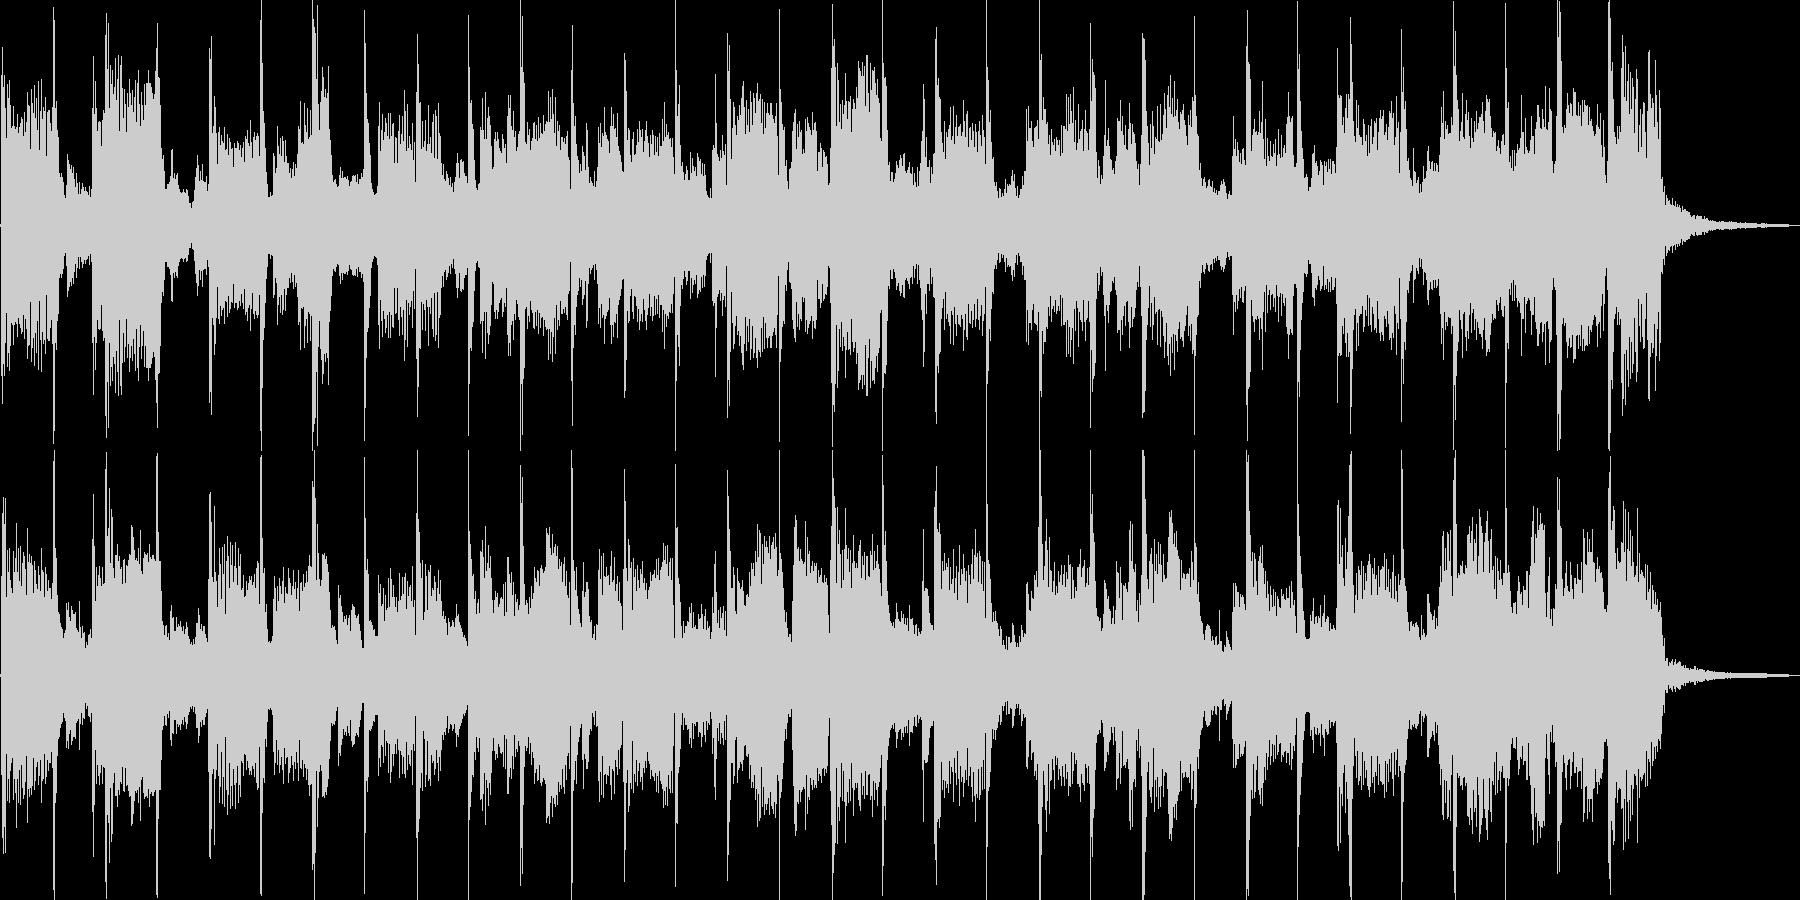 落ち着いた雰囲気のピアノバラードBGMの未再生の波形